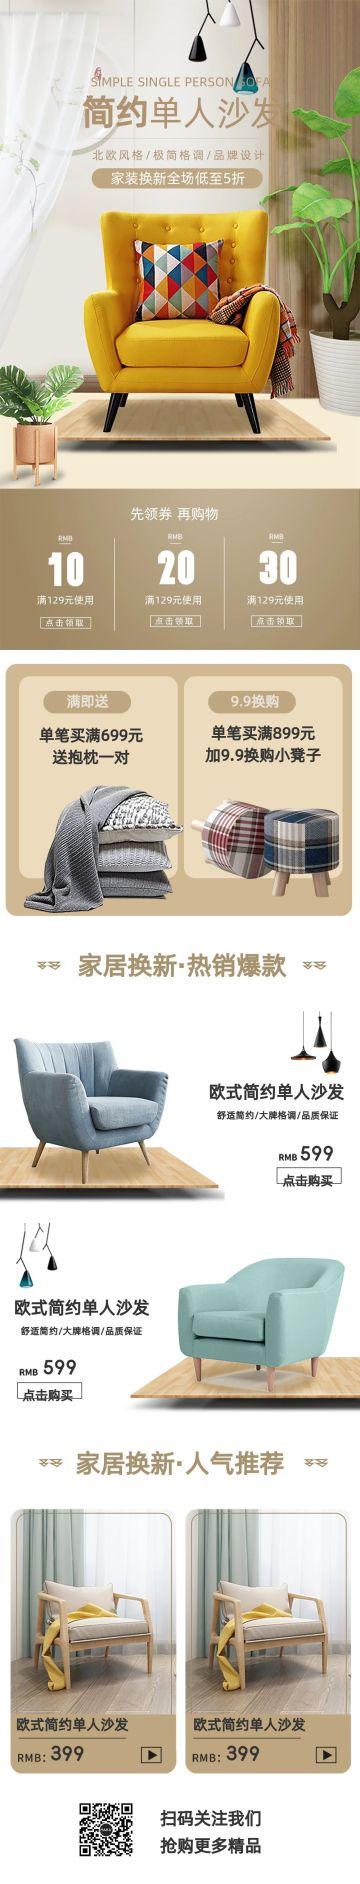 黄色简约风格家装节沙发促销宣传长图